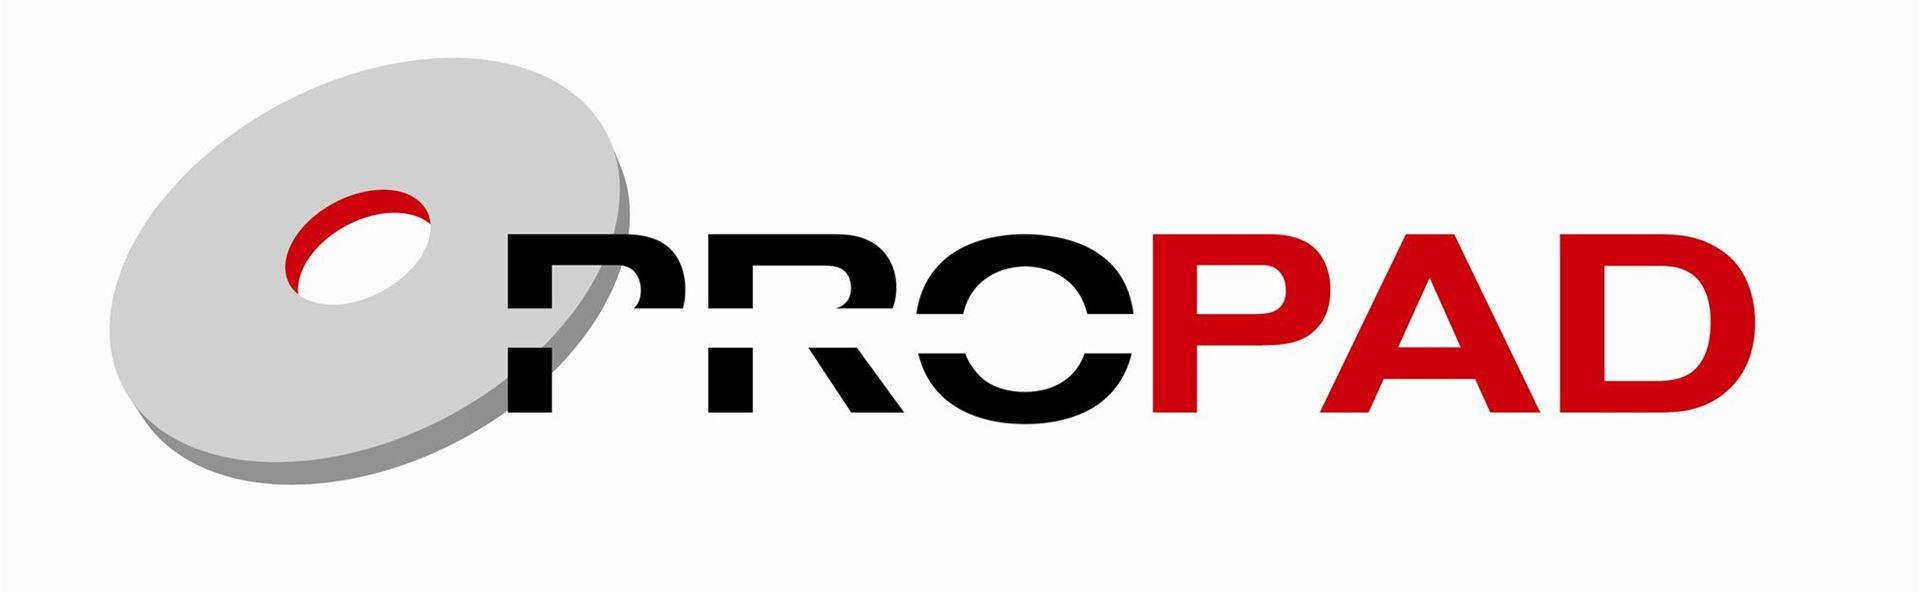 Afbeelding voor categorie PROPAD Compact Nanopads  voor maatwerk